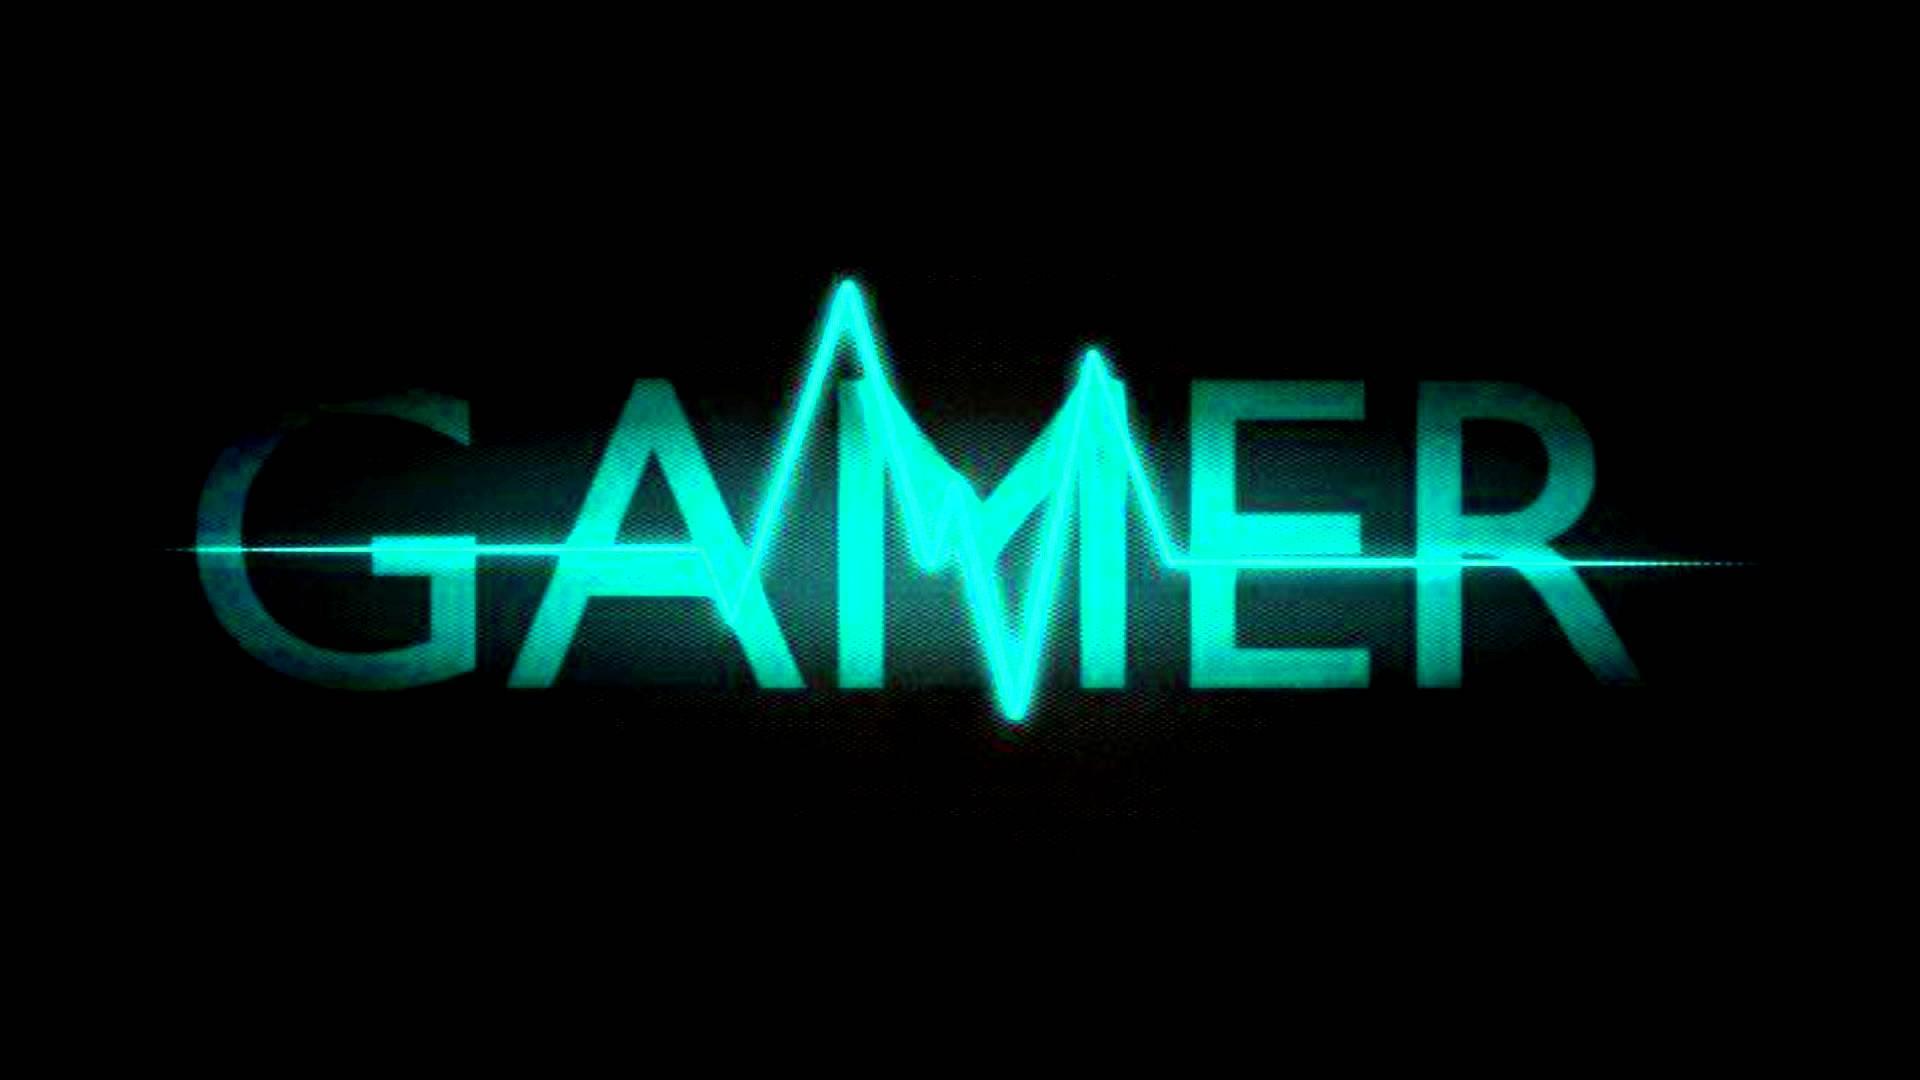 Epic background gaming mix - YouTube